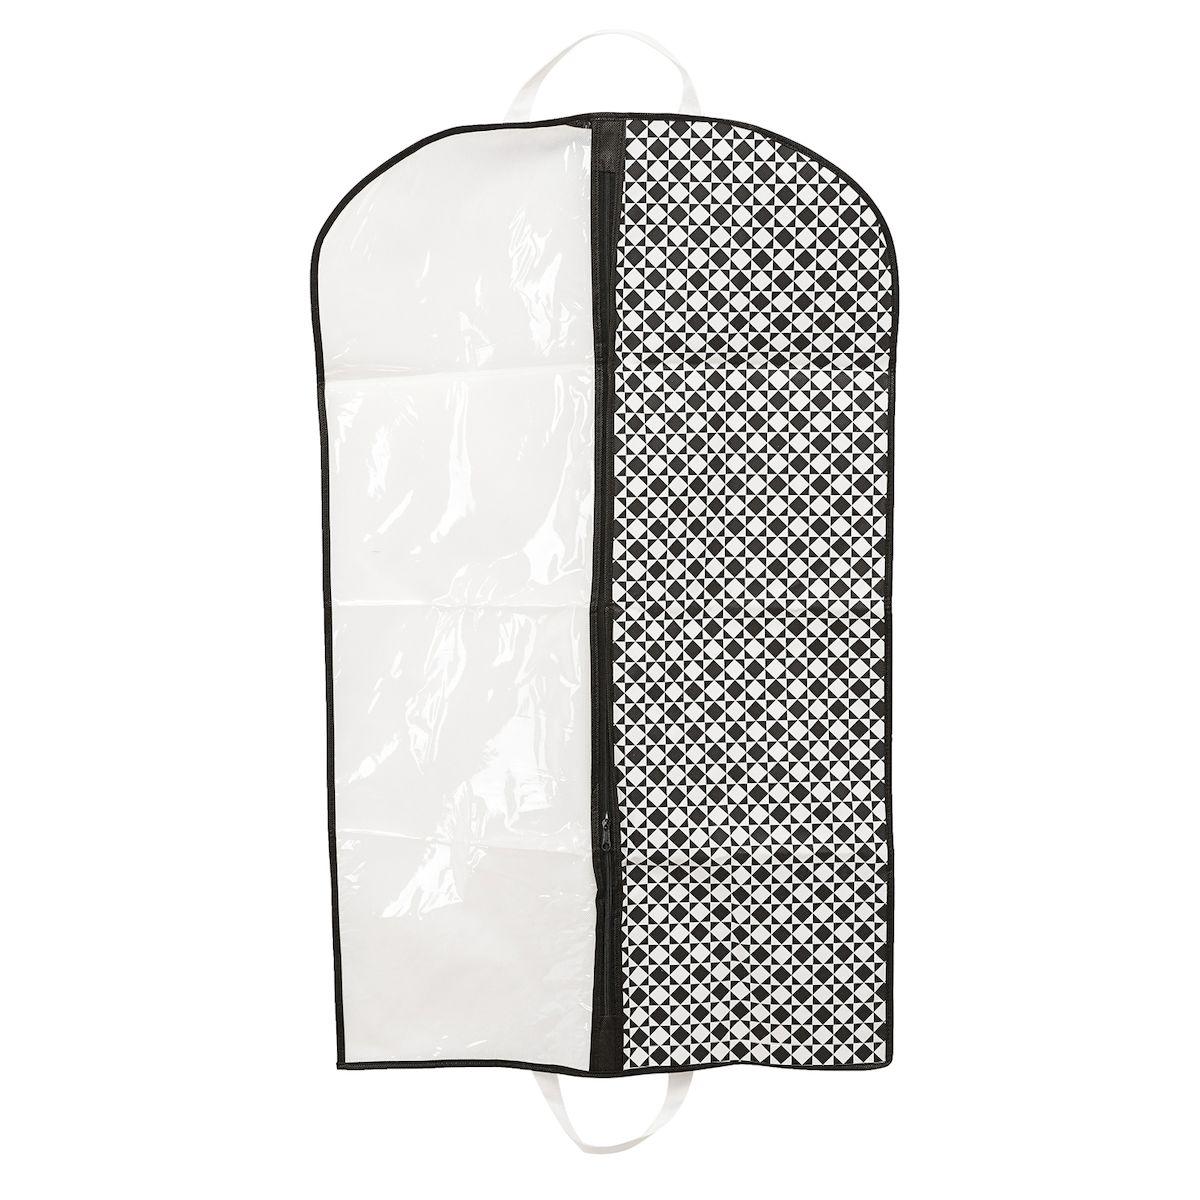 Чехол для одежды Homsu Maestro, подвесной, с прозрачной вставкой, 100 х 60 смHOM-388Подвесной чехол для одежды Homsu Maestro на застежке-молнии выполнен из высококачественного нетканого материала. Чехол снабжен прозрачной вставкой из ПВХ, что позволяет легко просматривать содержимое. Изделие подходит для длительного хранения вещей. Чехол обеспечит вашей одежде надежную защиту от влажности, повреждений и грязи при транспортировке, от запыления при хранении и проникновения моли. Чехол позволяет воздуху свободно поступать внутрь вещей, обеспечивая их кондиционирование. Это особенно важно при хранении кожаных и меховых изделий. Чехол для одежды Homsu Maestro создаст уютную атмосферу в гардеробе. Лаконичный дизайн придется по вкусу ценительницам эстетичного хранения и сделают вашу гардеробную изысканной и невероятно стильной. Размер чехла: 100 х 60 см.